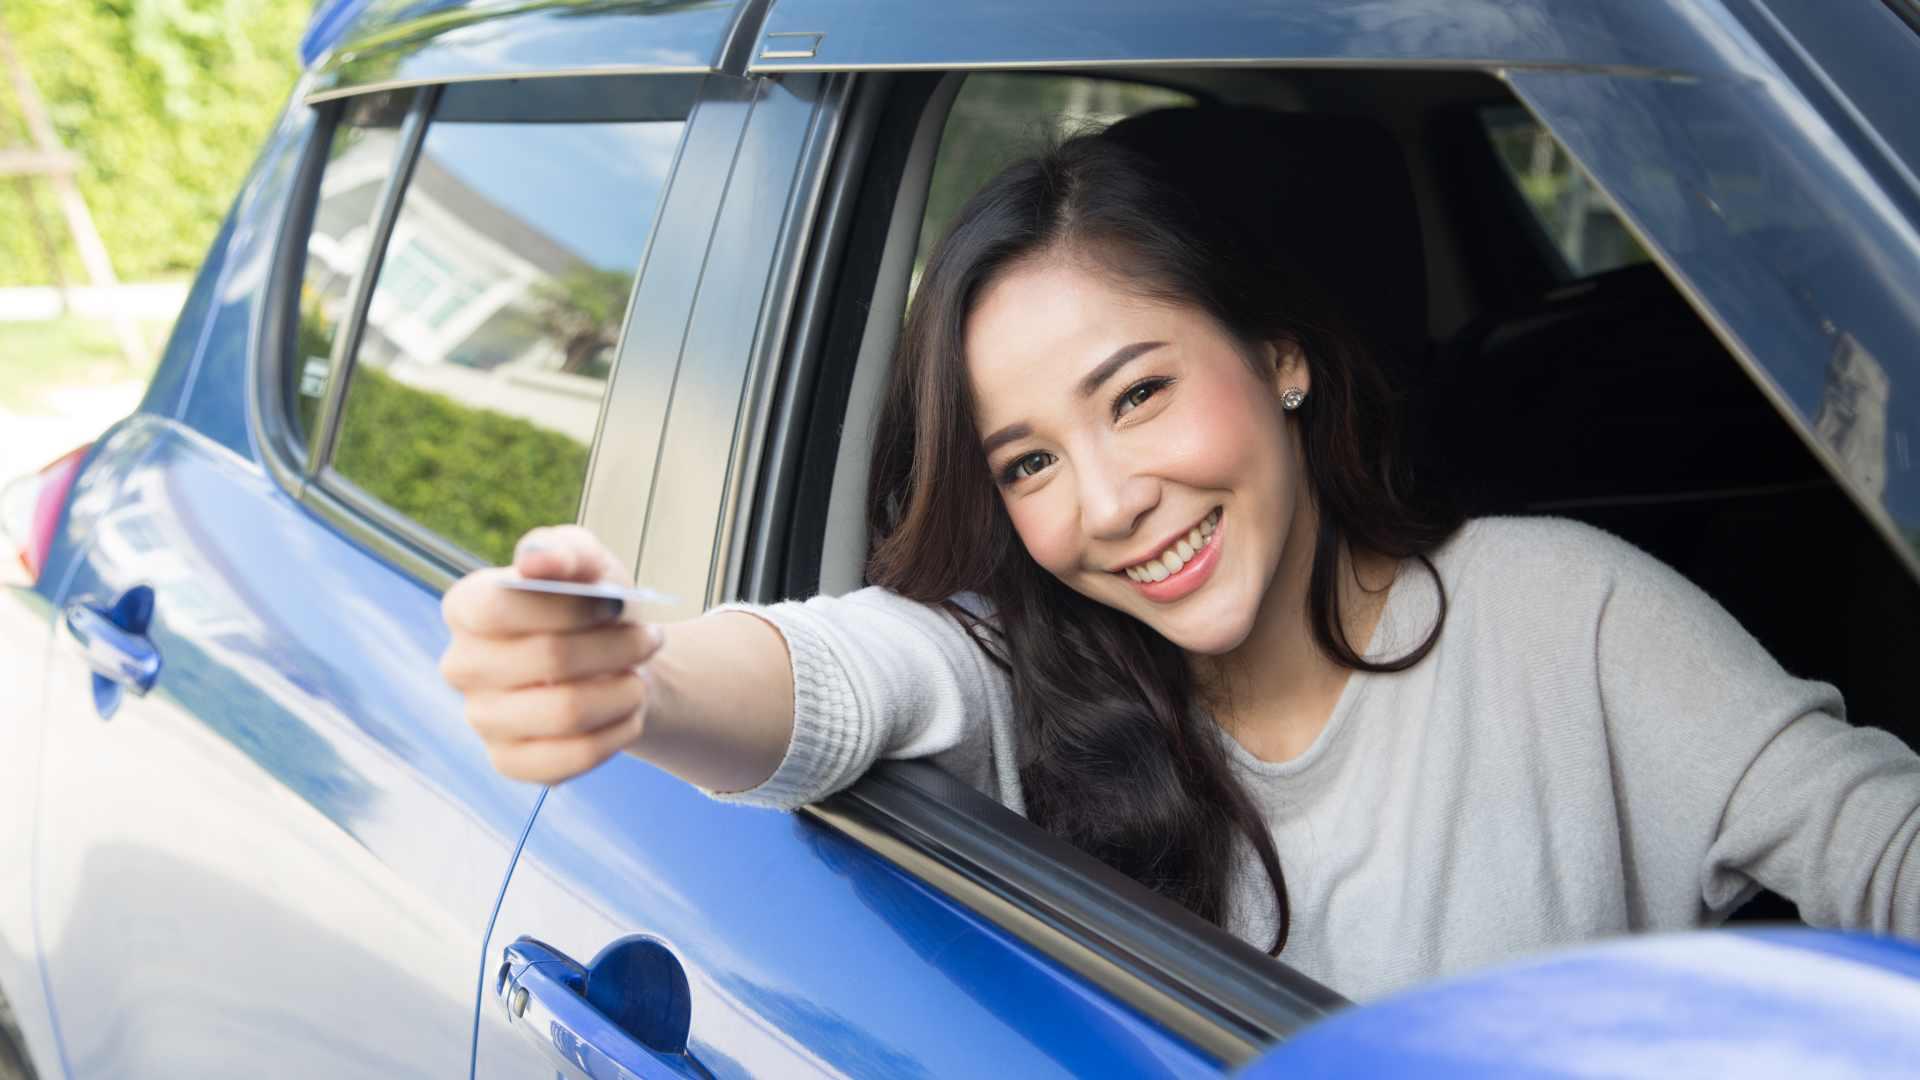 Como alavancar vendas em postos de combustível e fidelizar clientes?